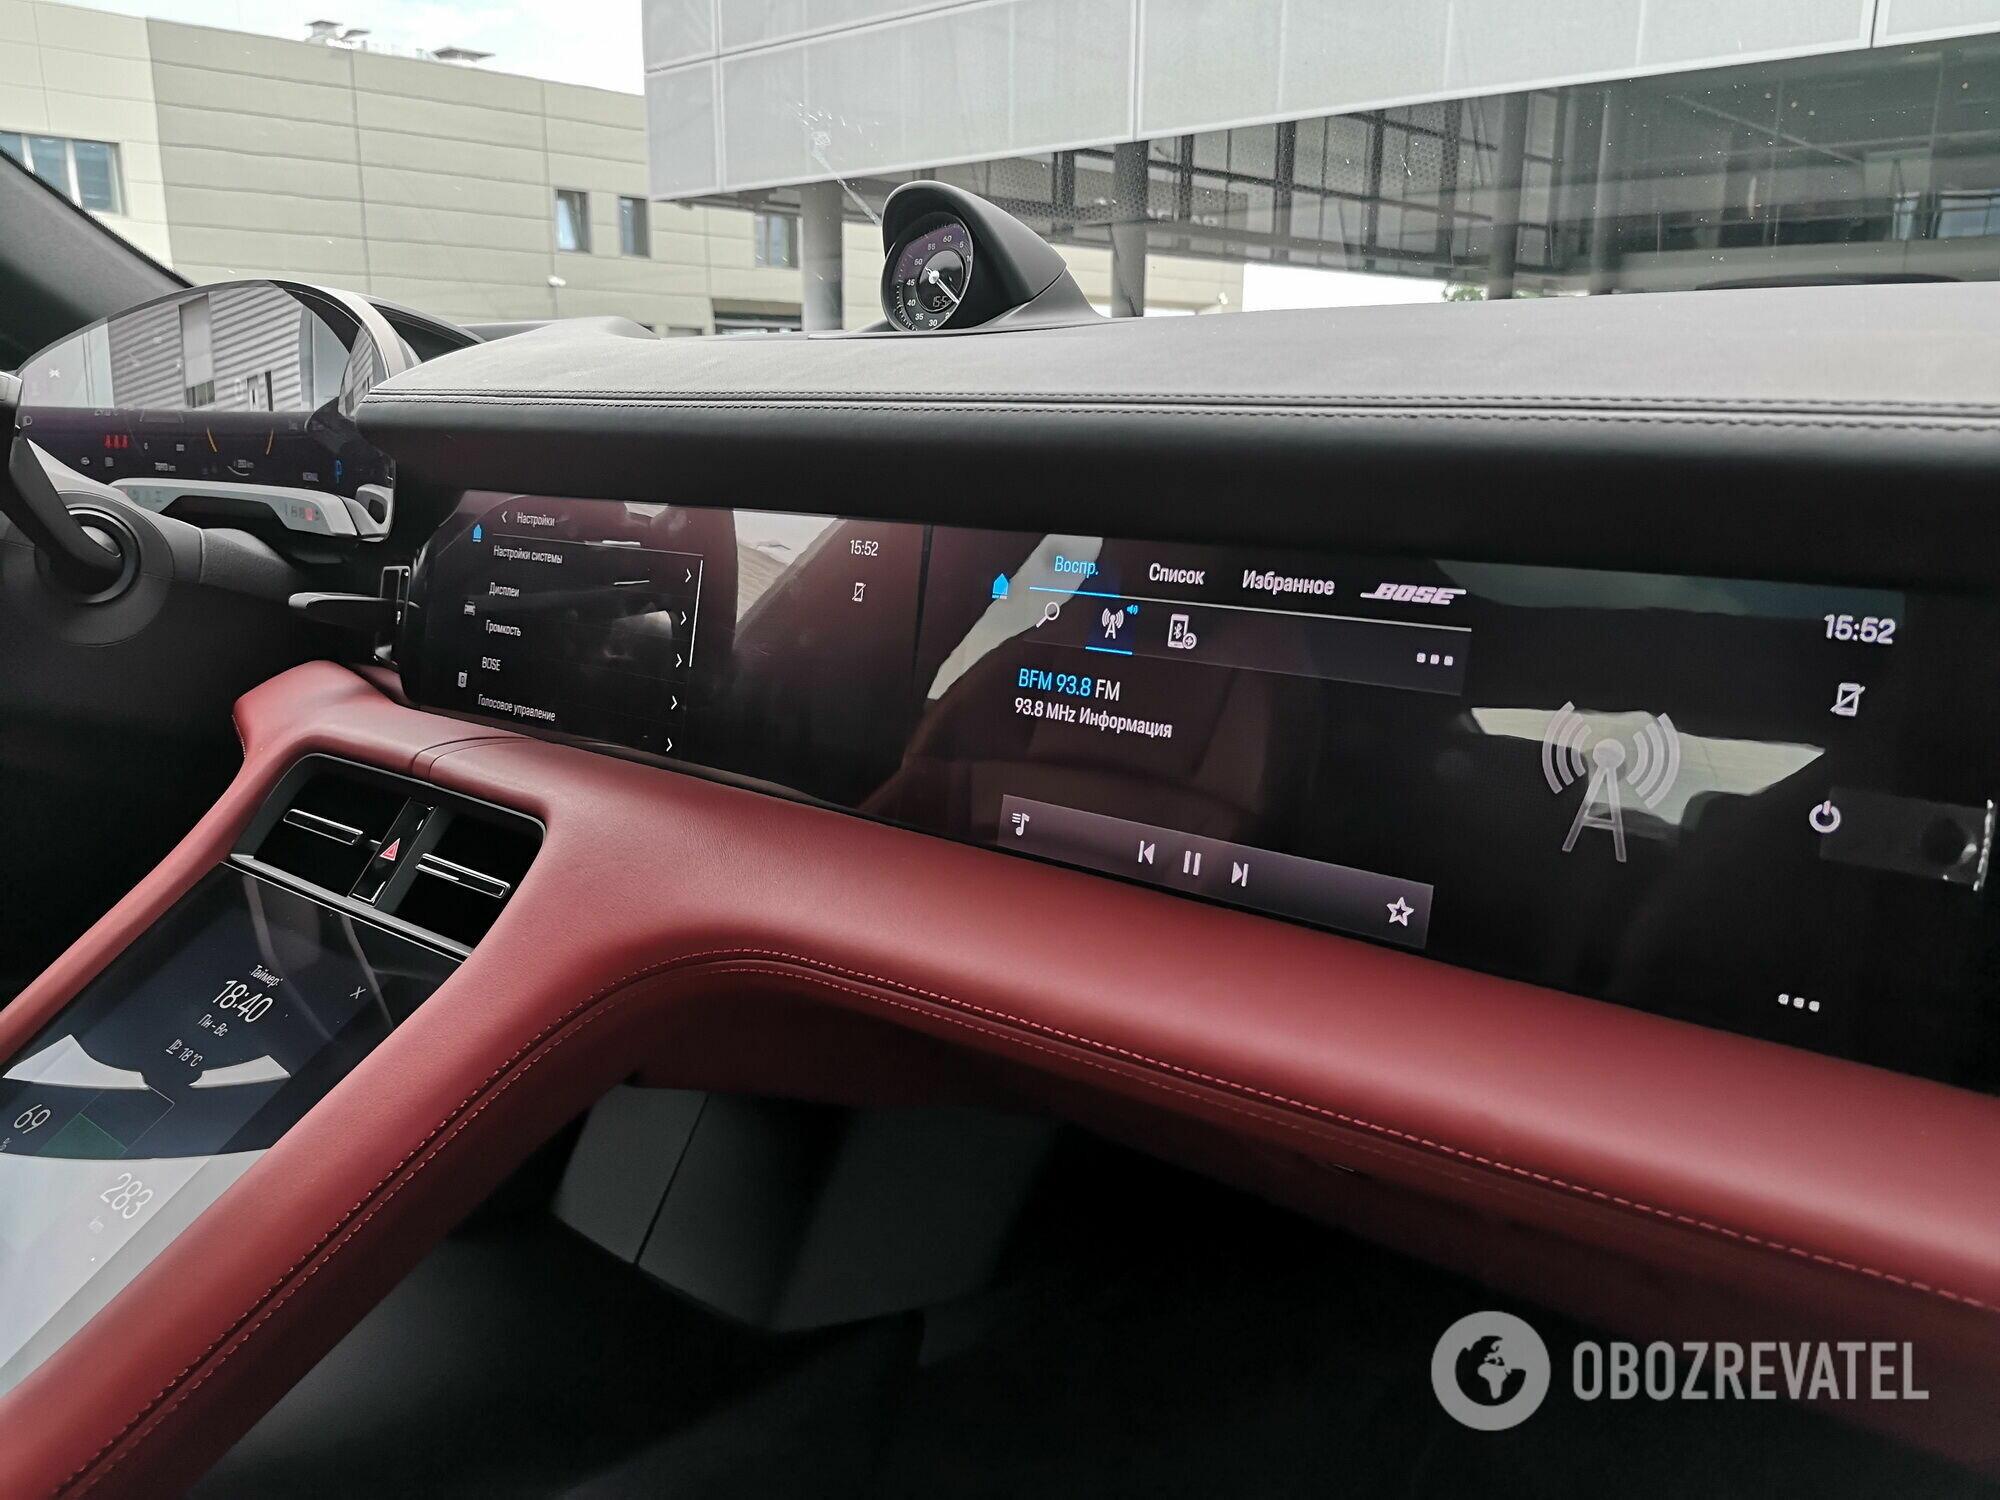 В качестве опции для переднего пассажира можно заказать персональный экран